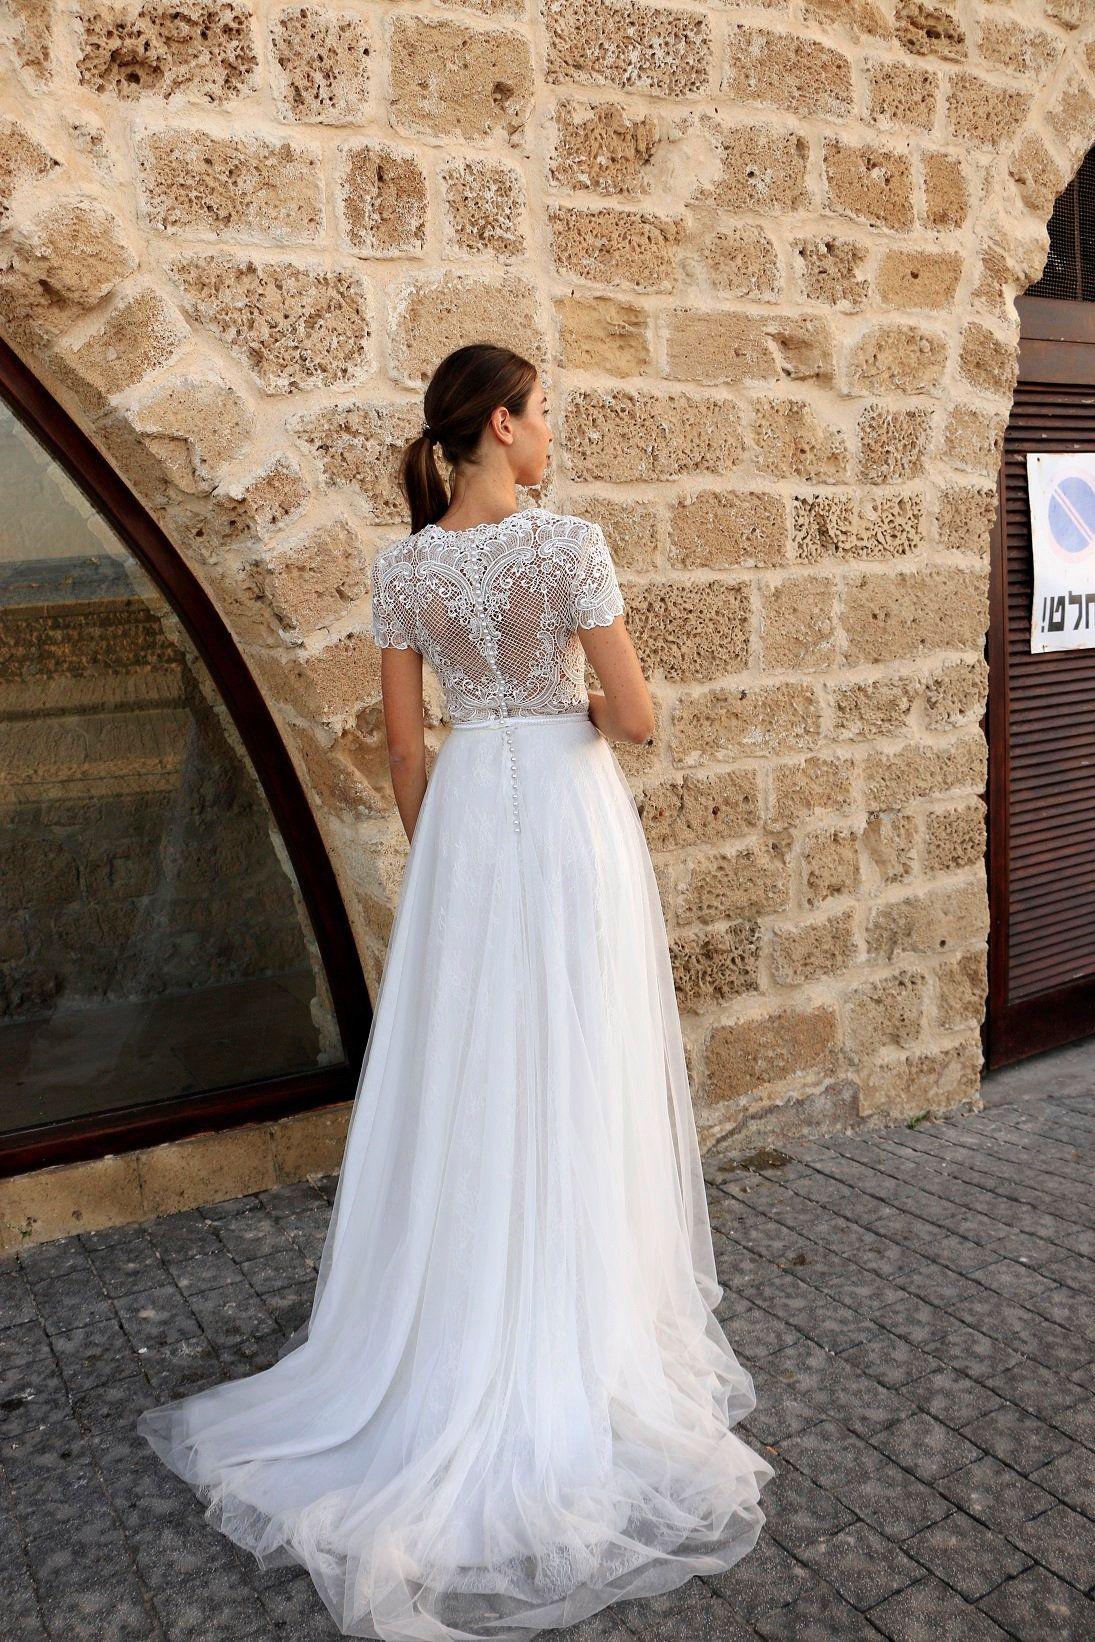 French Lace Wedding Dress Chiffon Wedding Dress Long Sleeve Etsy French Lace Wedding Dress Wedding Dresses Lace Long Sleeve Wedding Dress Lace [ 1642 x 1095 Pixel ]